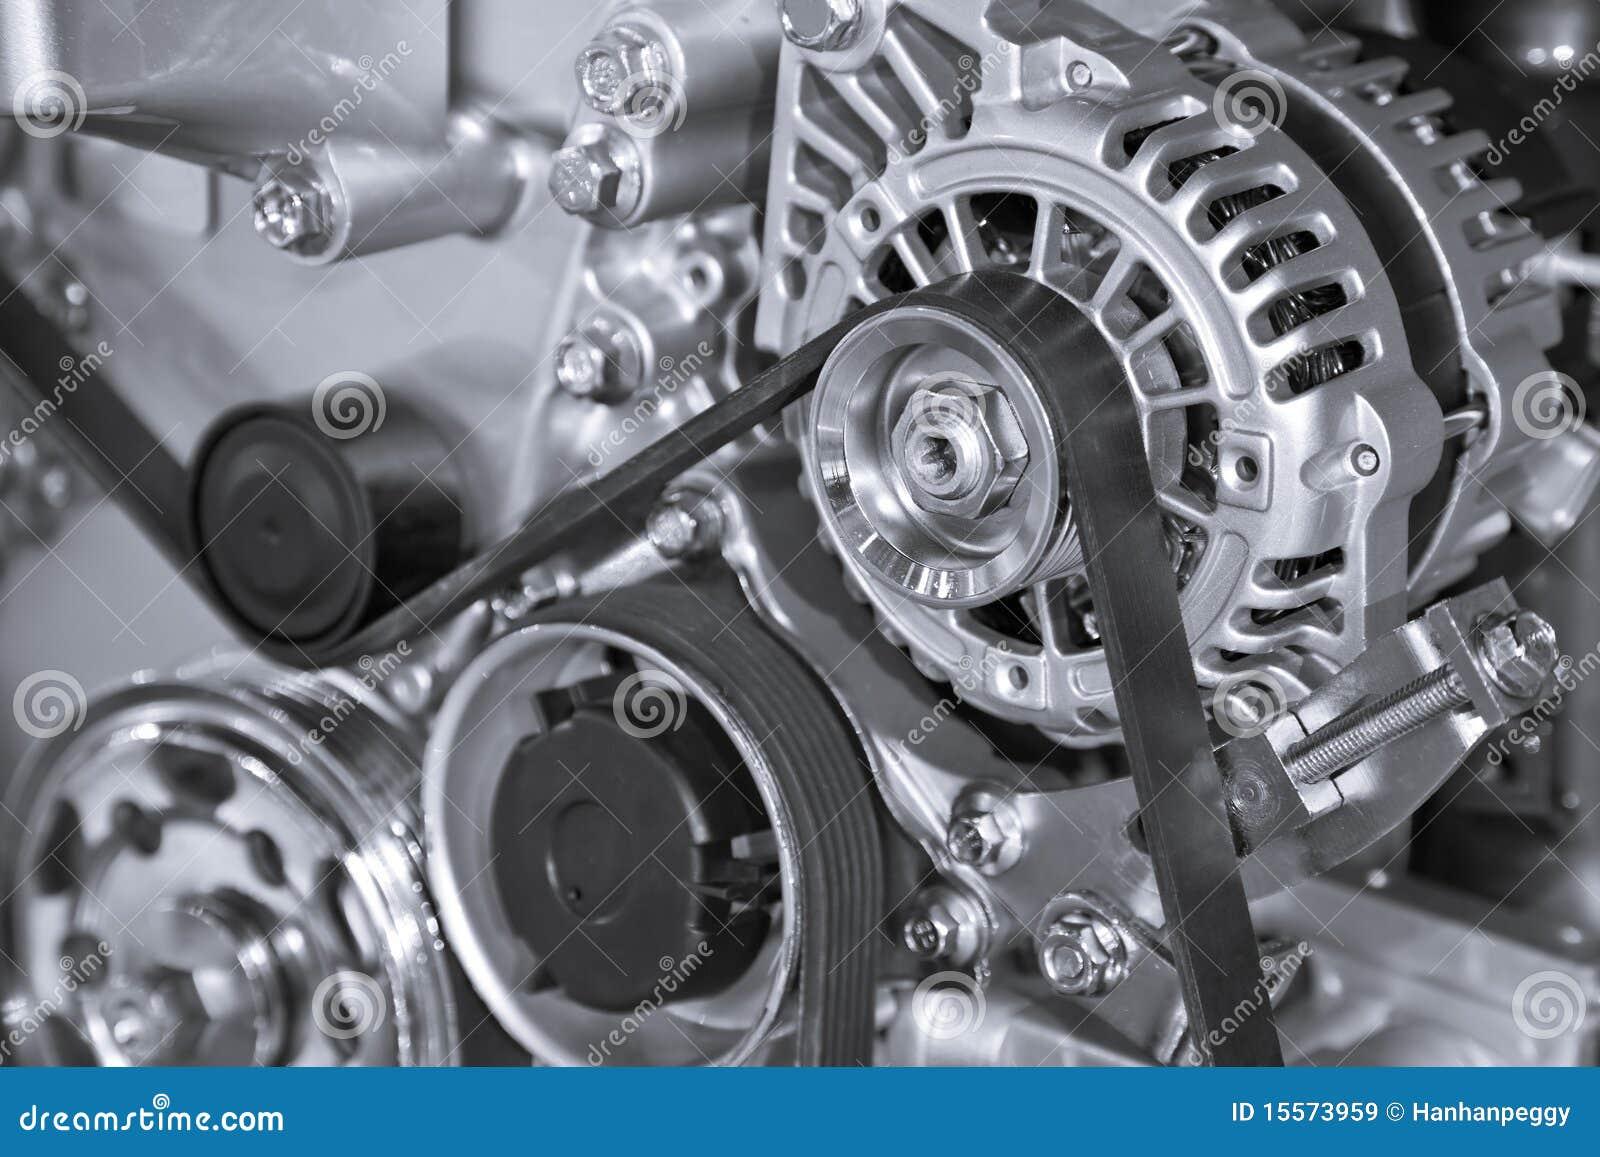 часть двигателя автомобиля